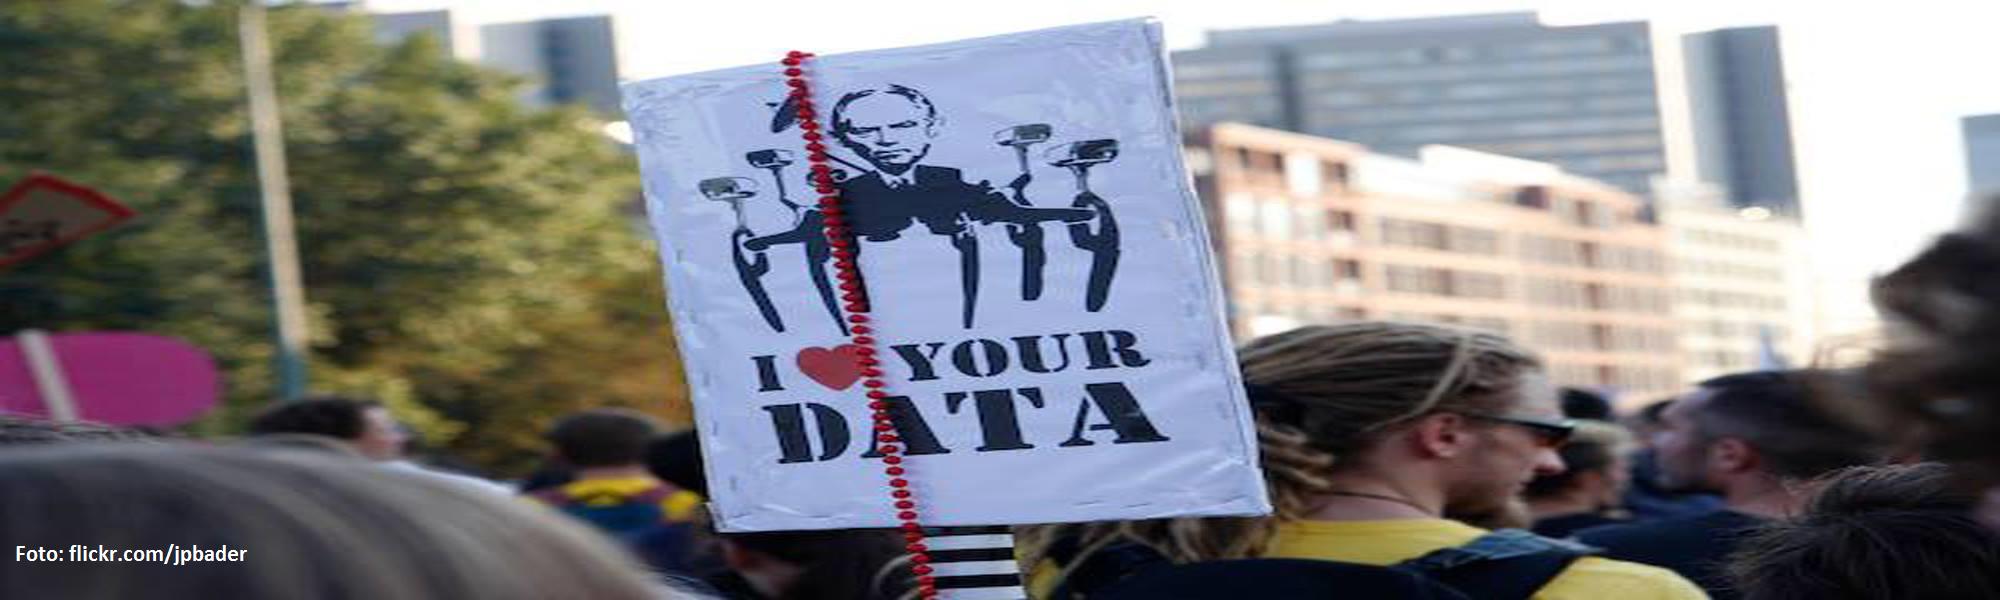 Ein Protestplakat bei einer Demonstration